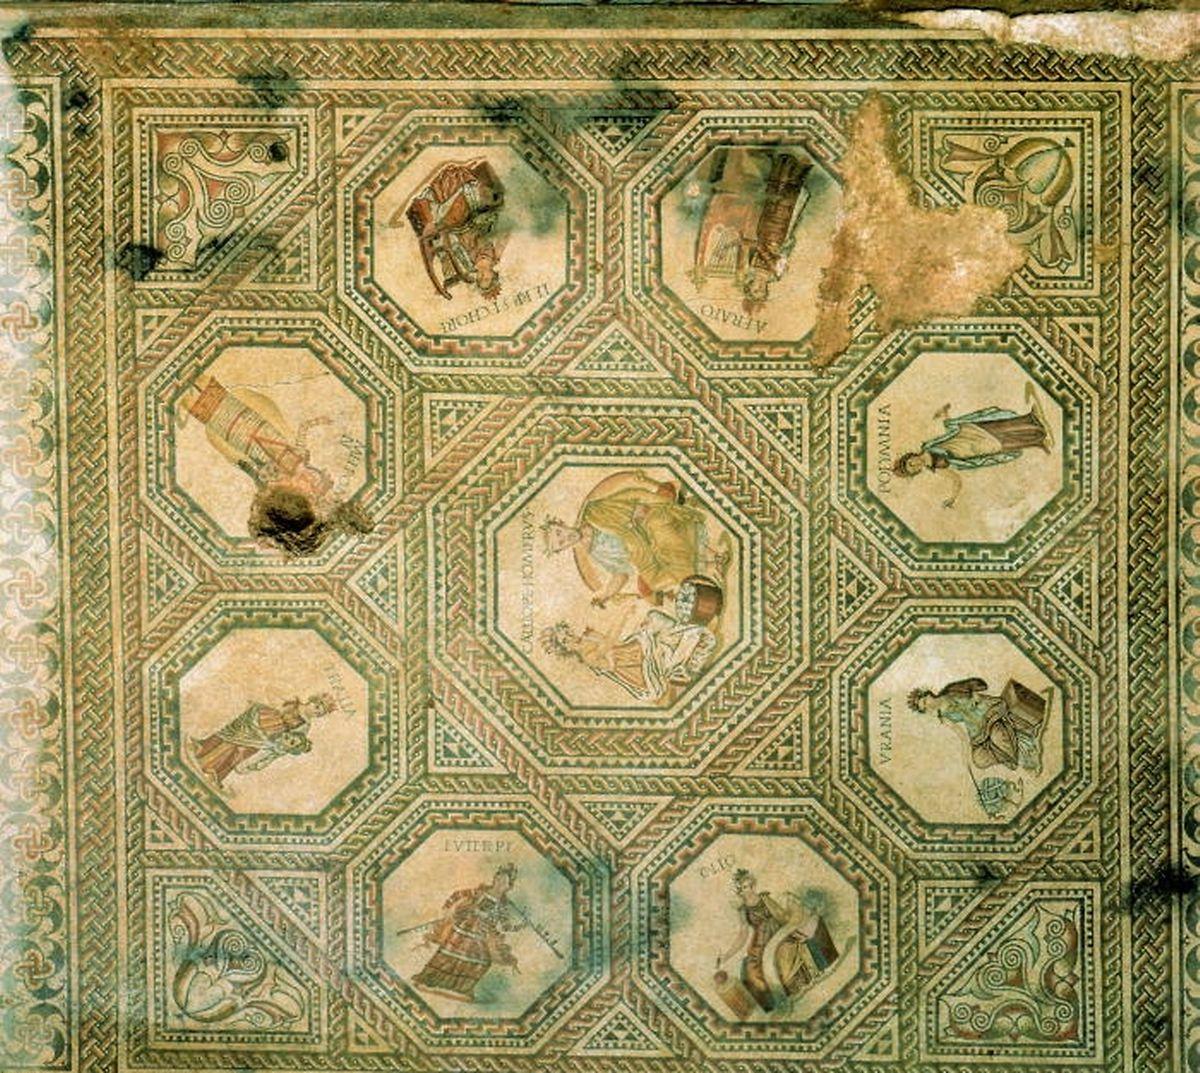 Le Musée national d'histoire et d'art expose la fameuse mosaïque gallo-romaine de Vichten, datant de 240 après J.-C. Elle compte parmi les plus belles représentations du thème des neuf muses connues du monde romain.